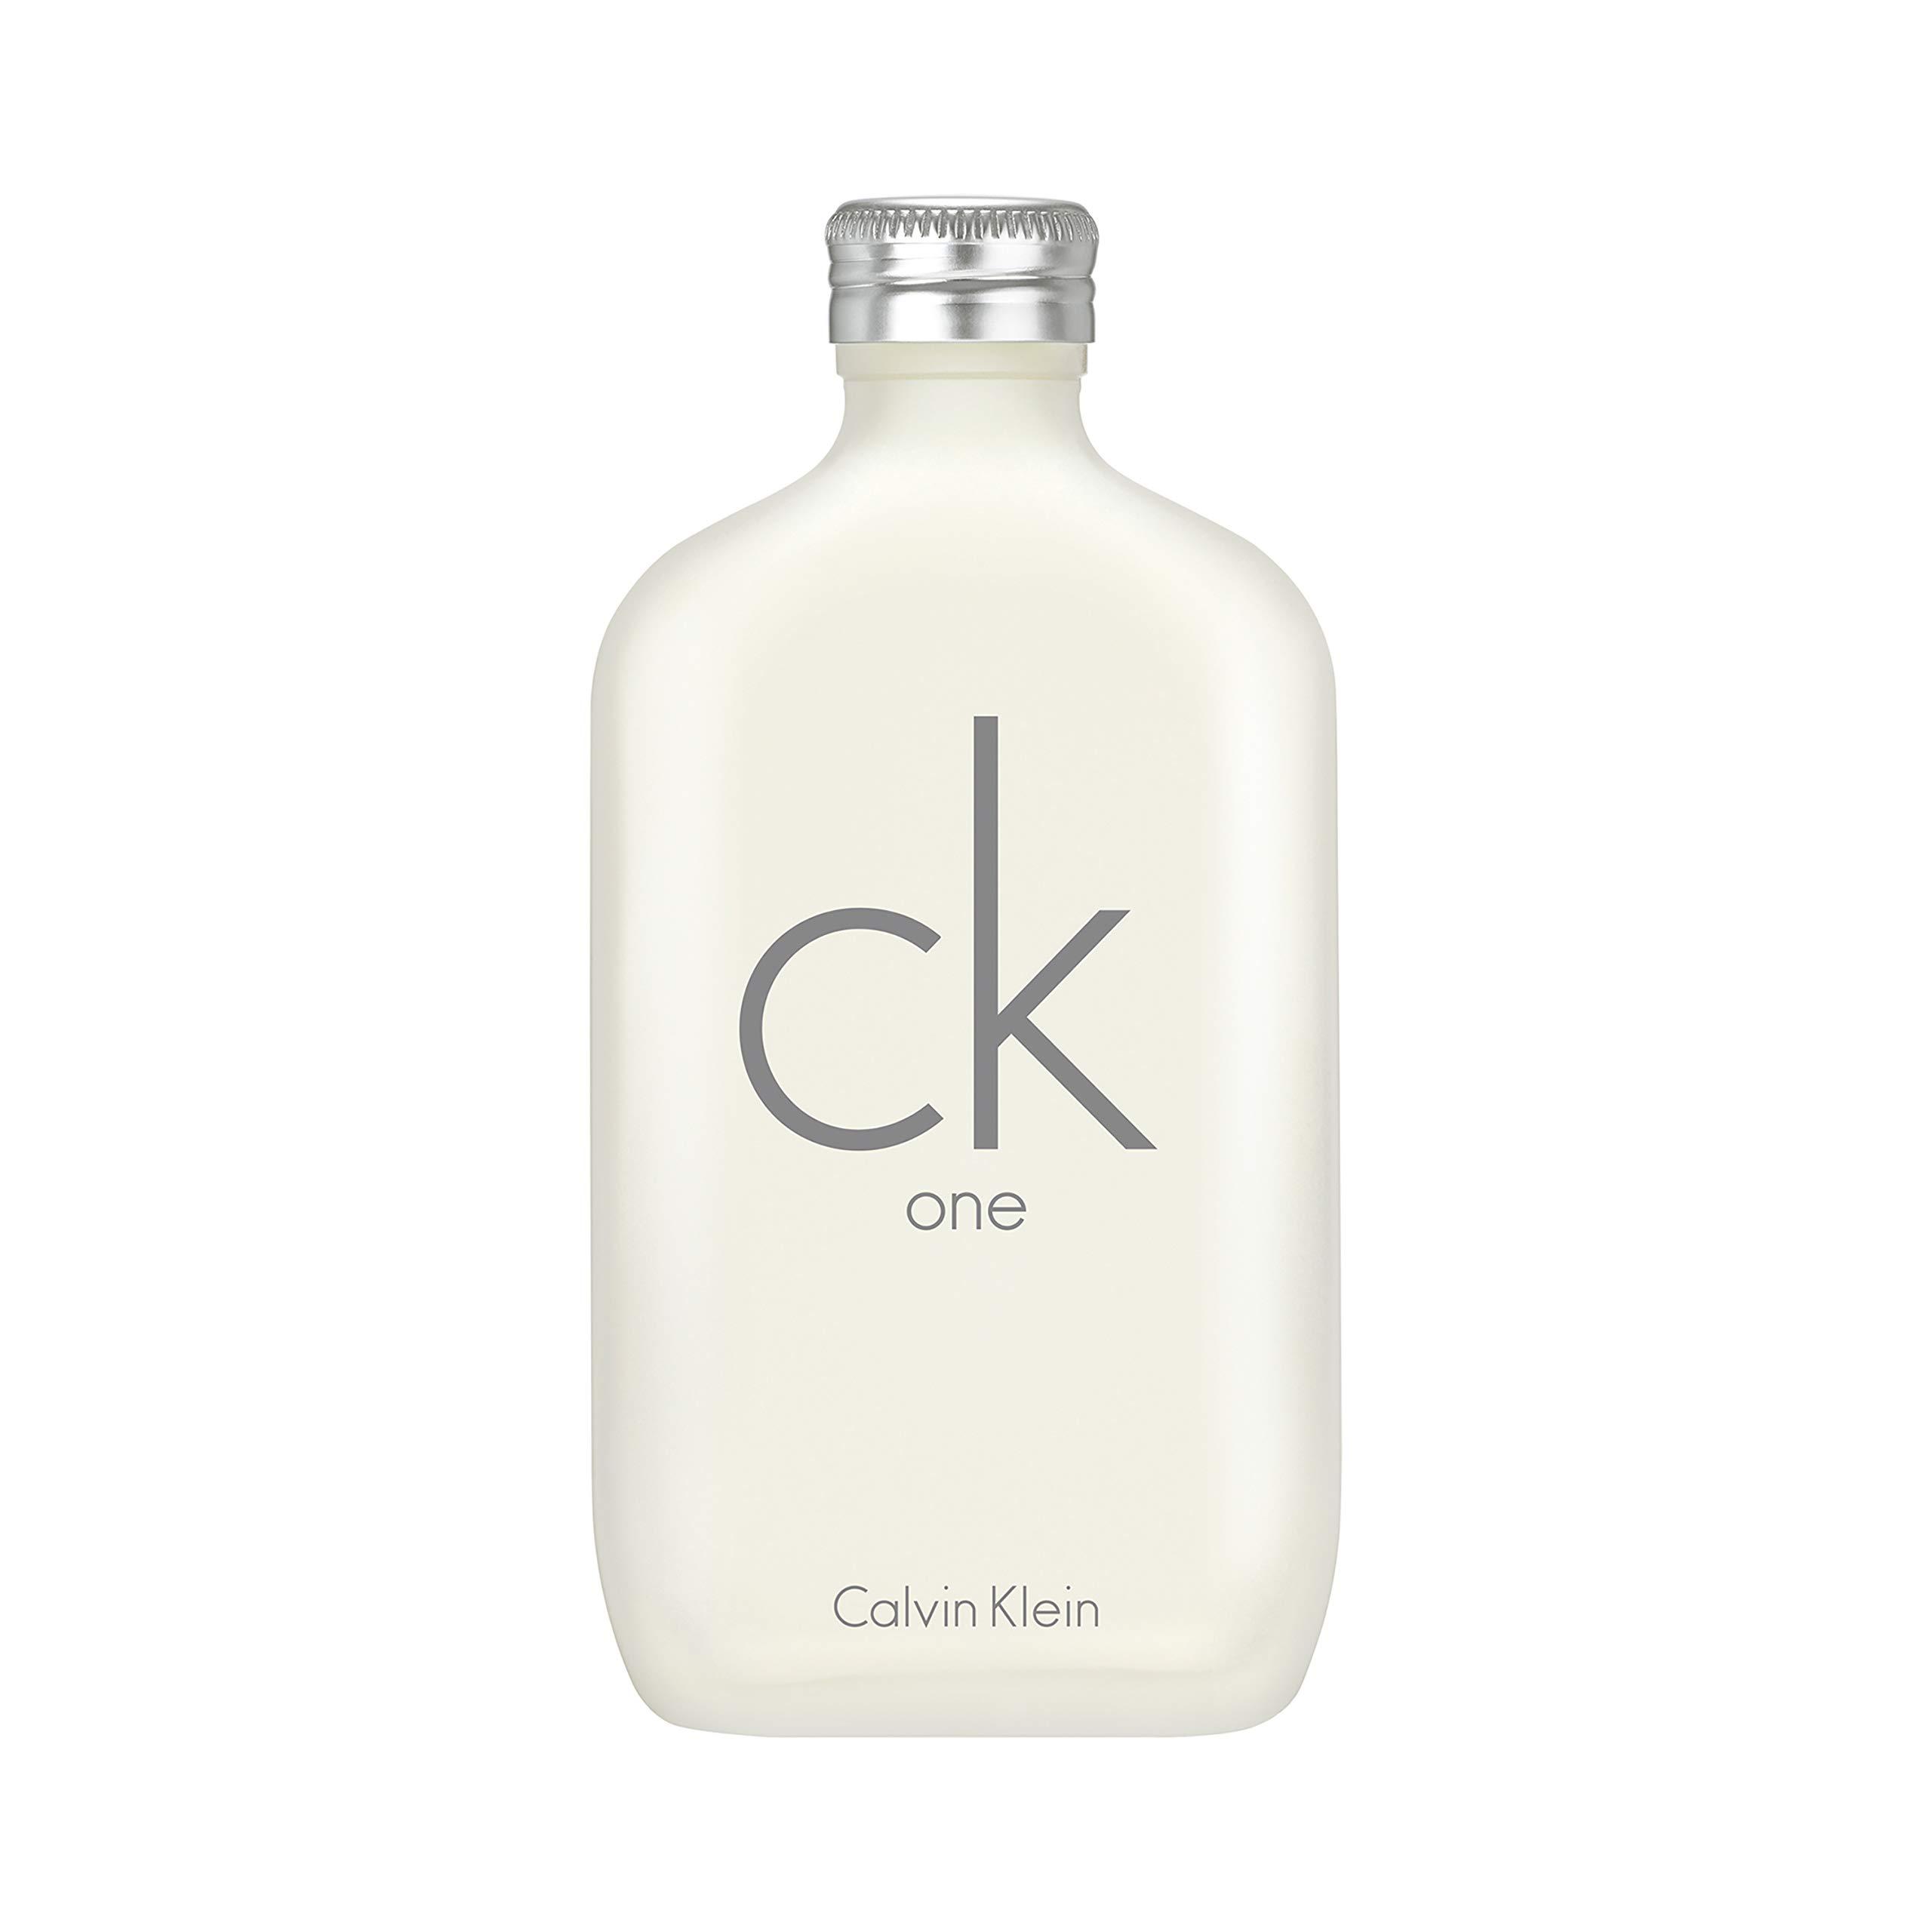 Calvin Klein ck one Eau de Toilette, 6.7 Fl Oz